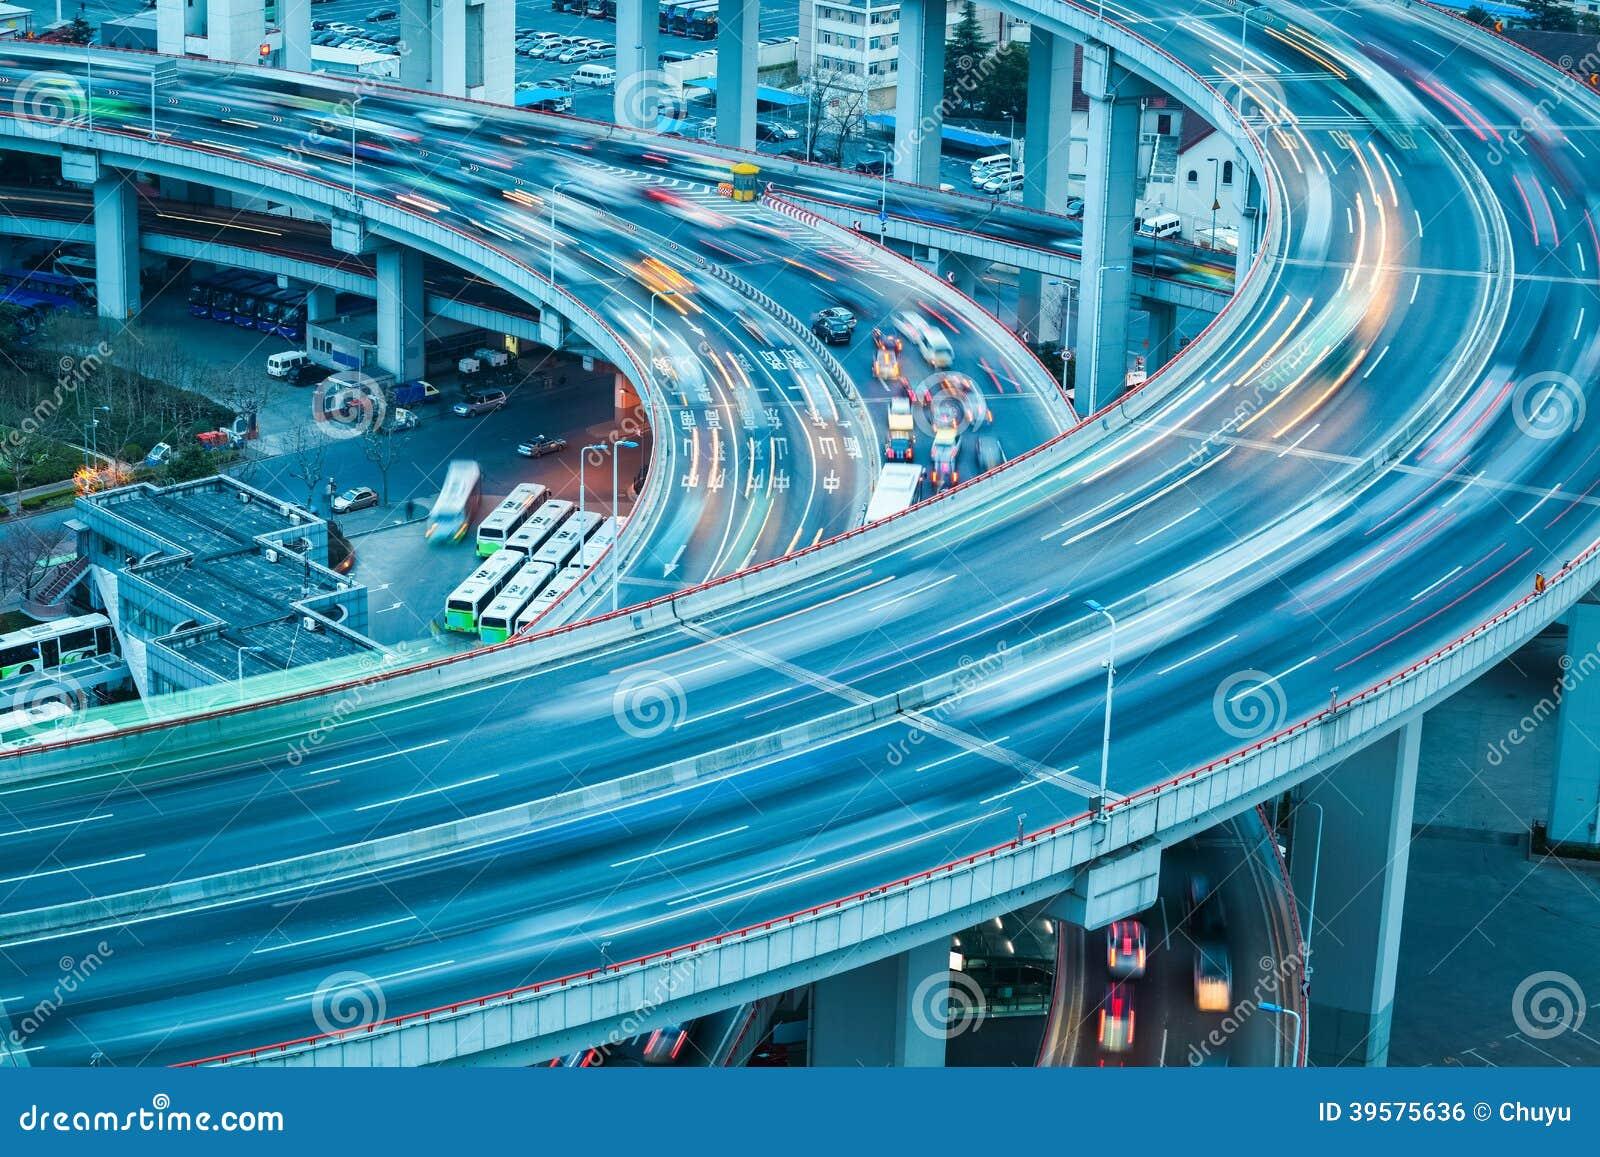 Trayectoria del vehículo en el acercamiento del puente